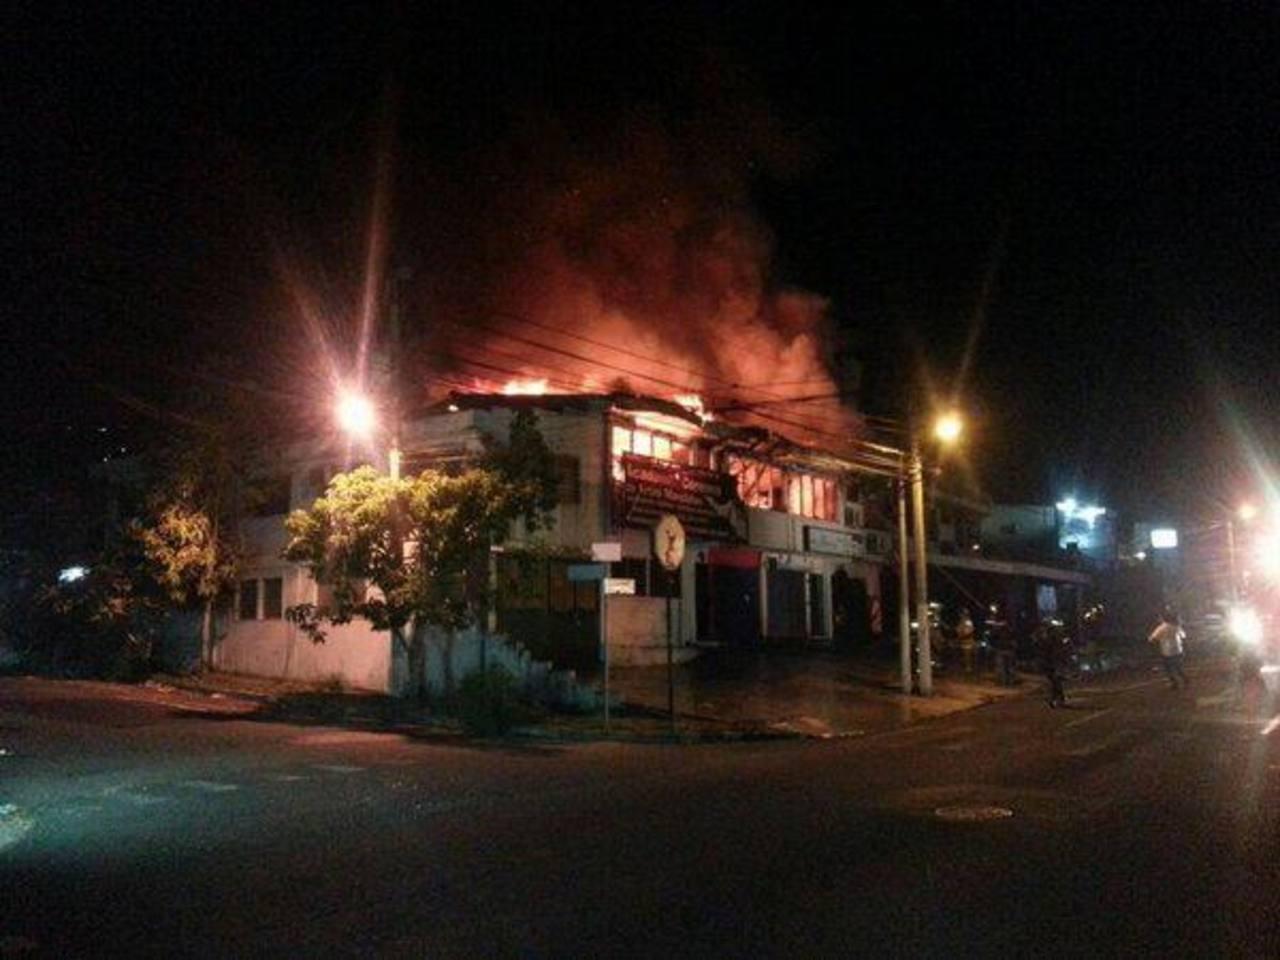 El incendio fue registrado sobre la 79a Avenida Norte de la colonia Escalón. Foto cortesía Cruz Roja Salvadoreña